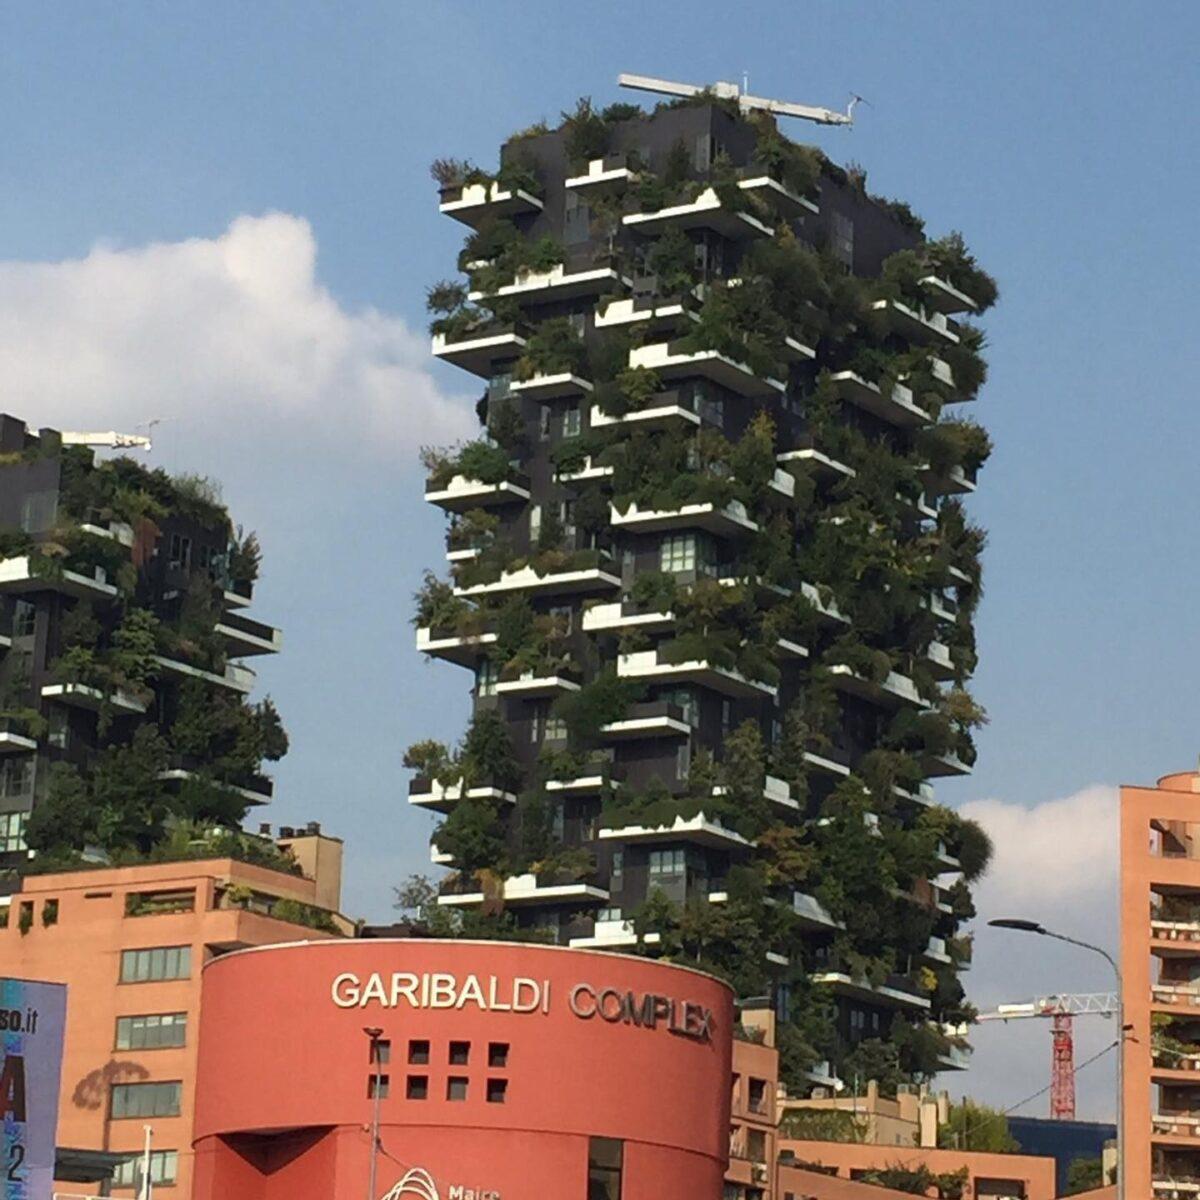 ミラノの億ションと言えば BOSCO VERTIARE 直訳すれば「縦型の森」 とでも言おうか   建設が始まったのは2010年頃、居住者はかなり広いバルコニーに緑の植栽が義務付けられ、緑、つまり植栽をしてその緑を枯らしてはならないとなった。  そして、数年後、その緑も成長しあたかも天空に森がそびえ立つようなマンションが出現、と言うより始めは無機質なコンクリートのマンションが段々と森に変わってきたと言うべきだろう  実は、このミラノの億ションが出来た再開発地区はかつて、l'isola つまり島と呼ばれていた 売春、麻薬、犯罪とたいへんガラの悪い地区だった。  そんなガラの悪い地区だが 写真生えする雰囲気があってよく雑誌の撮影でヘアメイクをこの地区でした。  片時もヘアメイクの道具が盗まれないように ヘアメイクしながらも気が気では無かったが 今では、ミラノ屈指の高級地区となった。  クインテットは現在スタッフ大募集中です。 来年度新卒さん、また美容師やりたい中途さん、ママさんパートさん大募集中です! お気軽にDMでお問い合わせ可能です。 または、ホームページをご覧下さいね